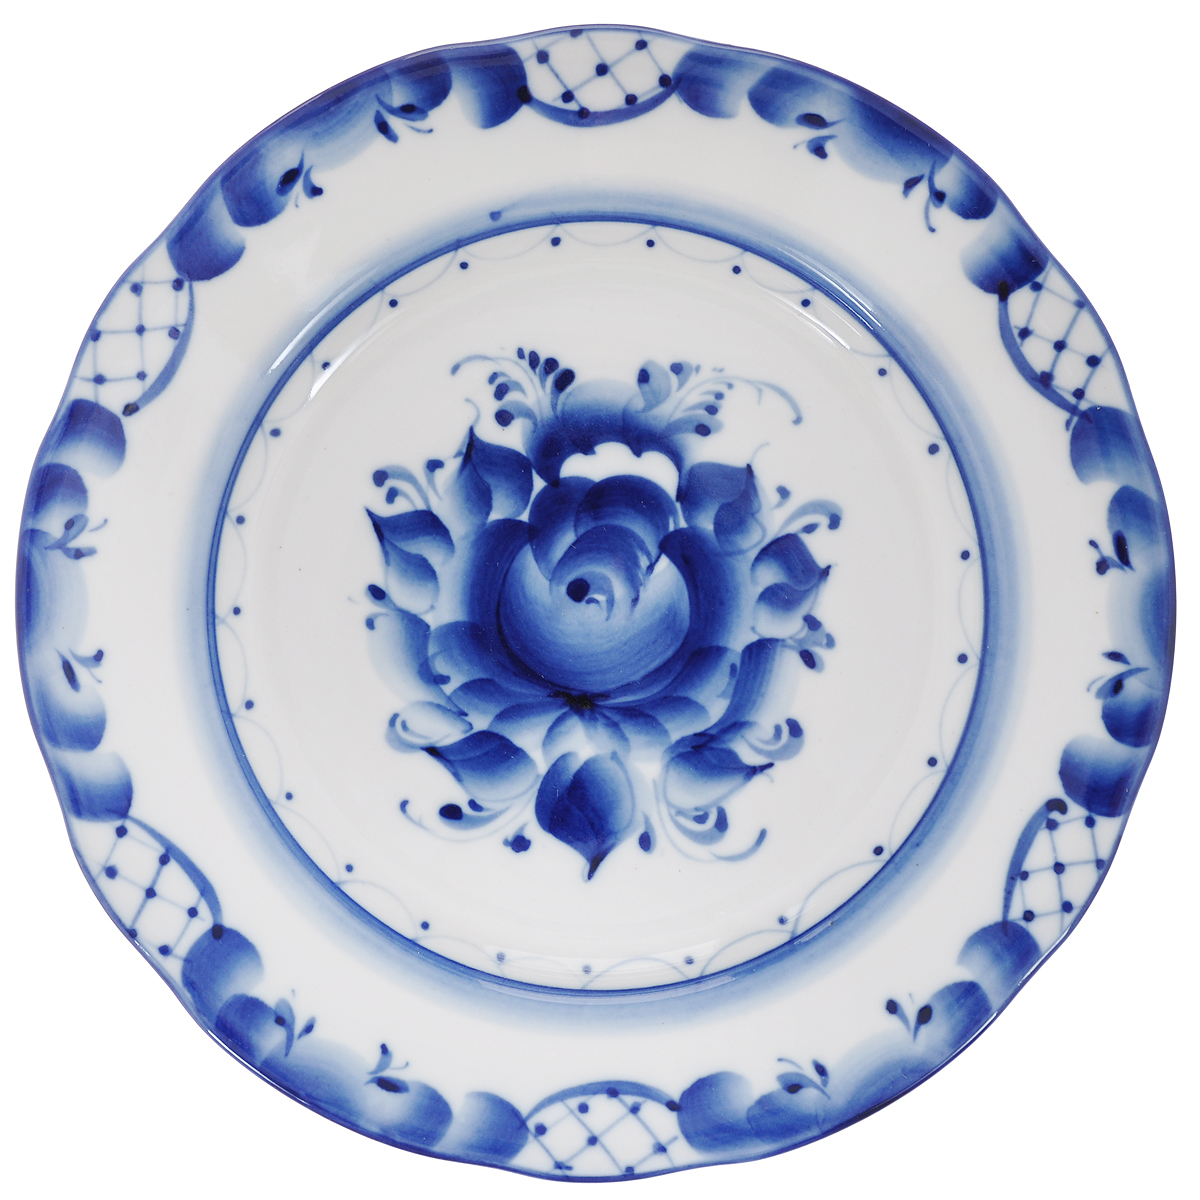 Тарелка десертная Дубок, диаметр 20 см993026451Тарелка десертная Дубок, изготовленная из высококачественной керамики, предназначена для красивой сервировки стола. Тарелка оформлена оригинальной гжельской росписью. Прекрасный дизайн изделия идеально подойдет для сервировки стола.Обращаем ваше внимание, что роспись на изделиях сделана вручную. Рисунок может немного отличаться от изображения на фотографии. Диаметр: 20 см. Высота тарелки: 2 см.